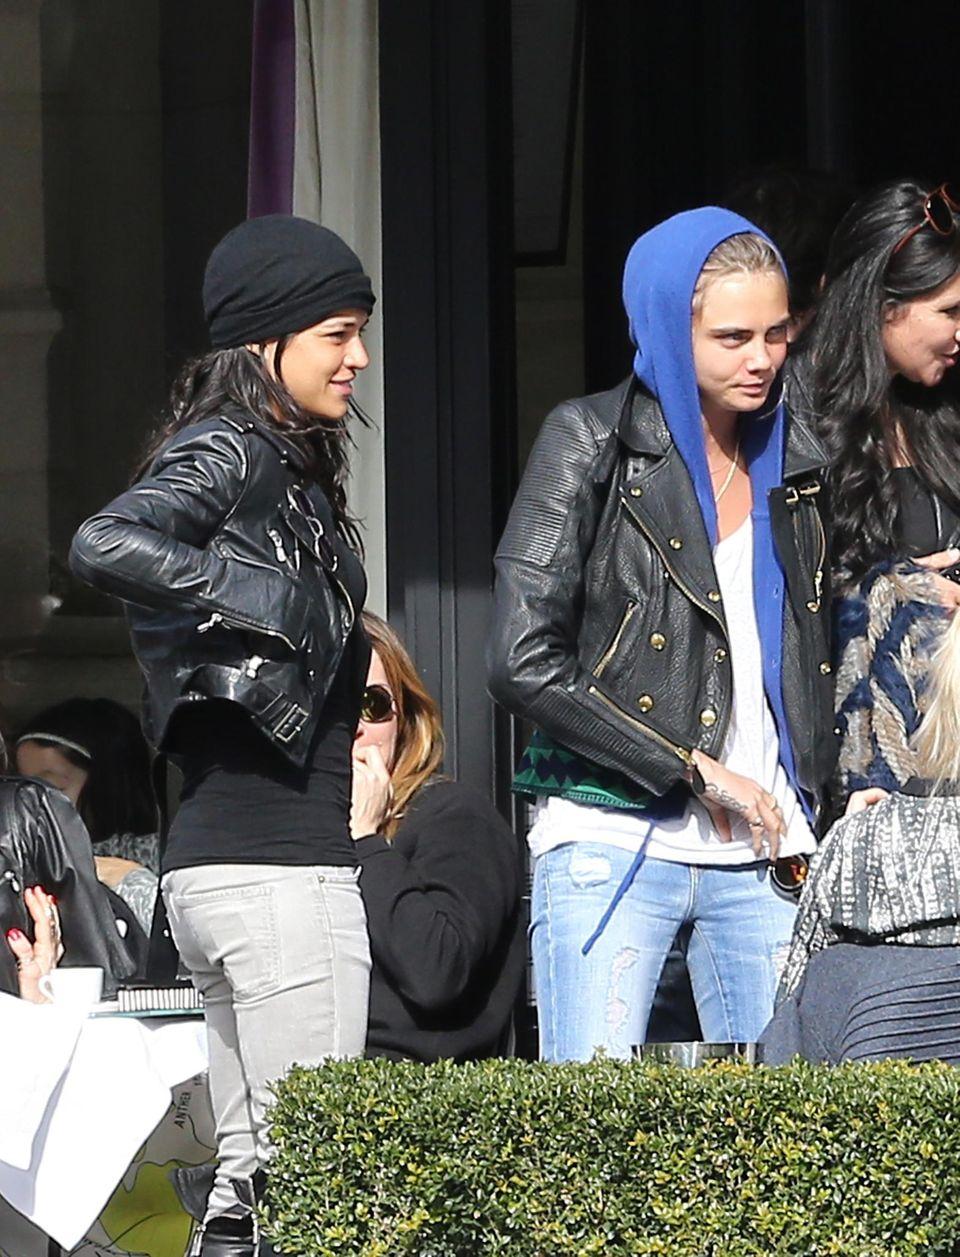 2. März 2014: Michelle Rodriguez und Cara Delevigne gehen im Restaurant L'Avenue in Paris Frühstücken.